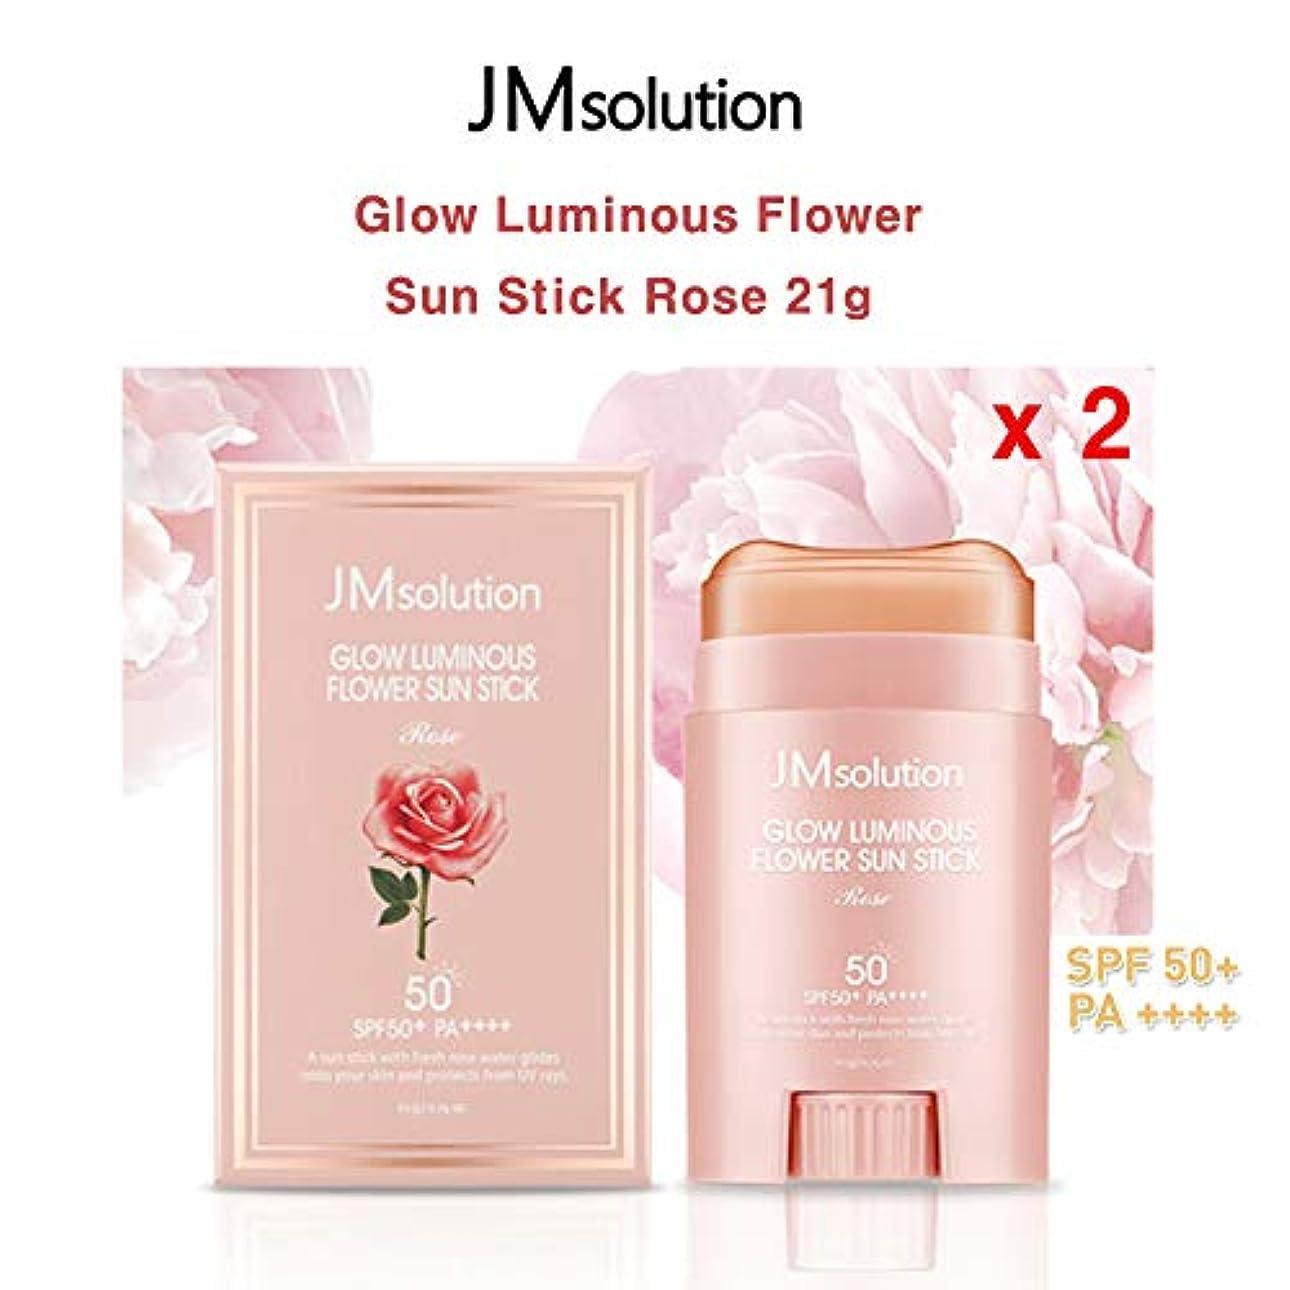 チケットネーピアコンテストJM Solution ★1+1★ Glow Luminous Flower Sun Stick Rose 21g (spf50 PA) 光る輝く花Sun Stick Rose